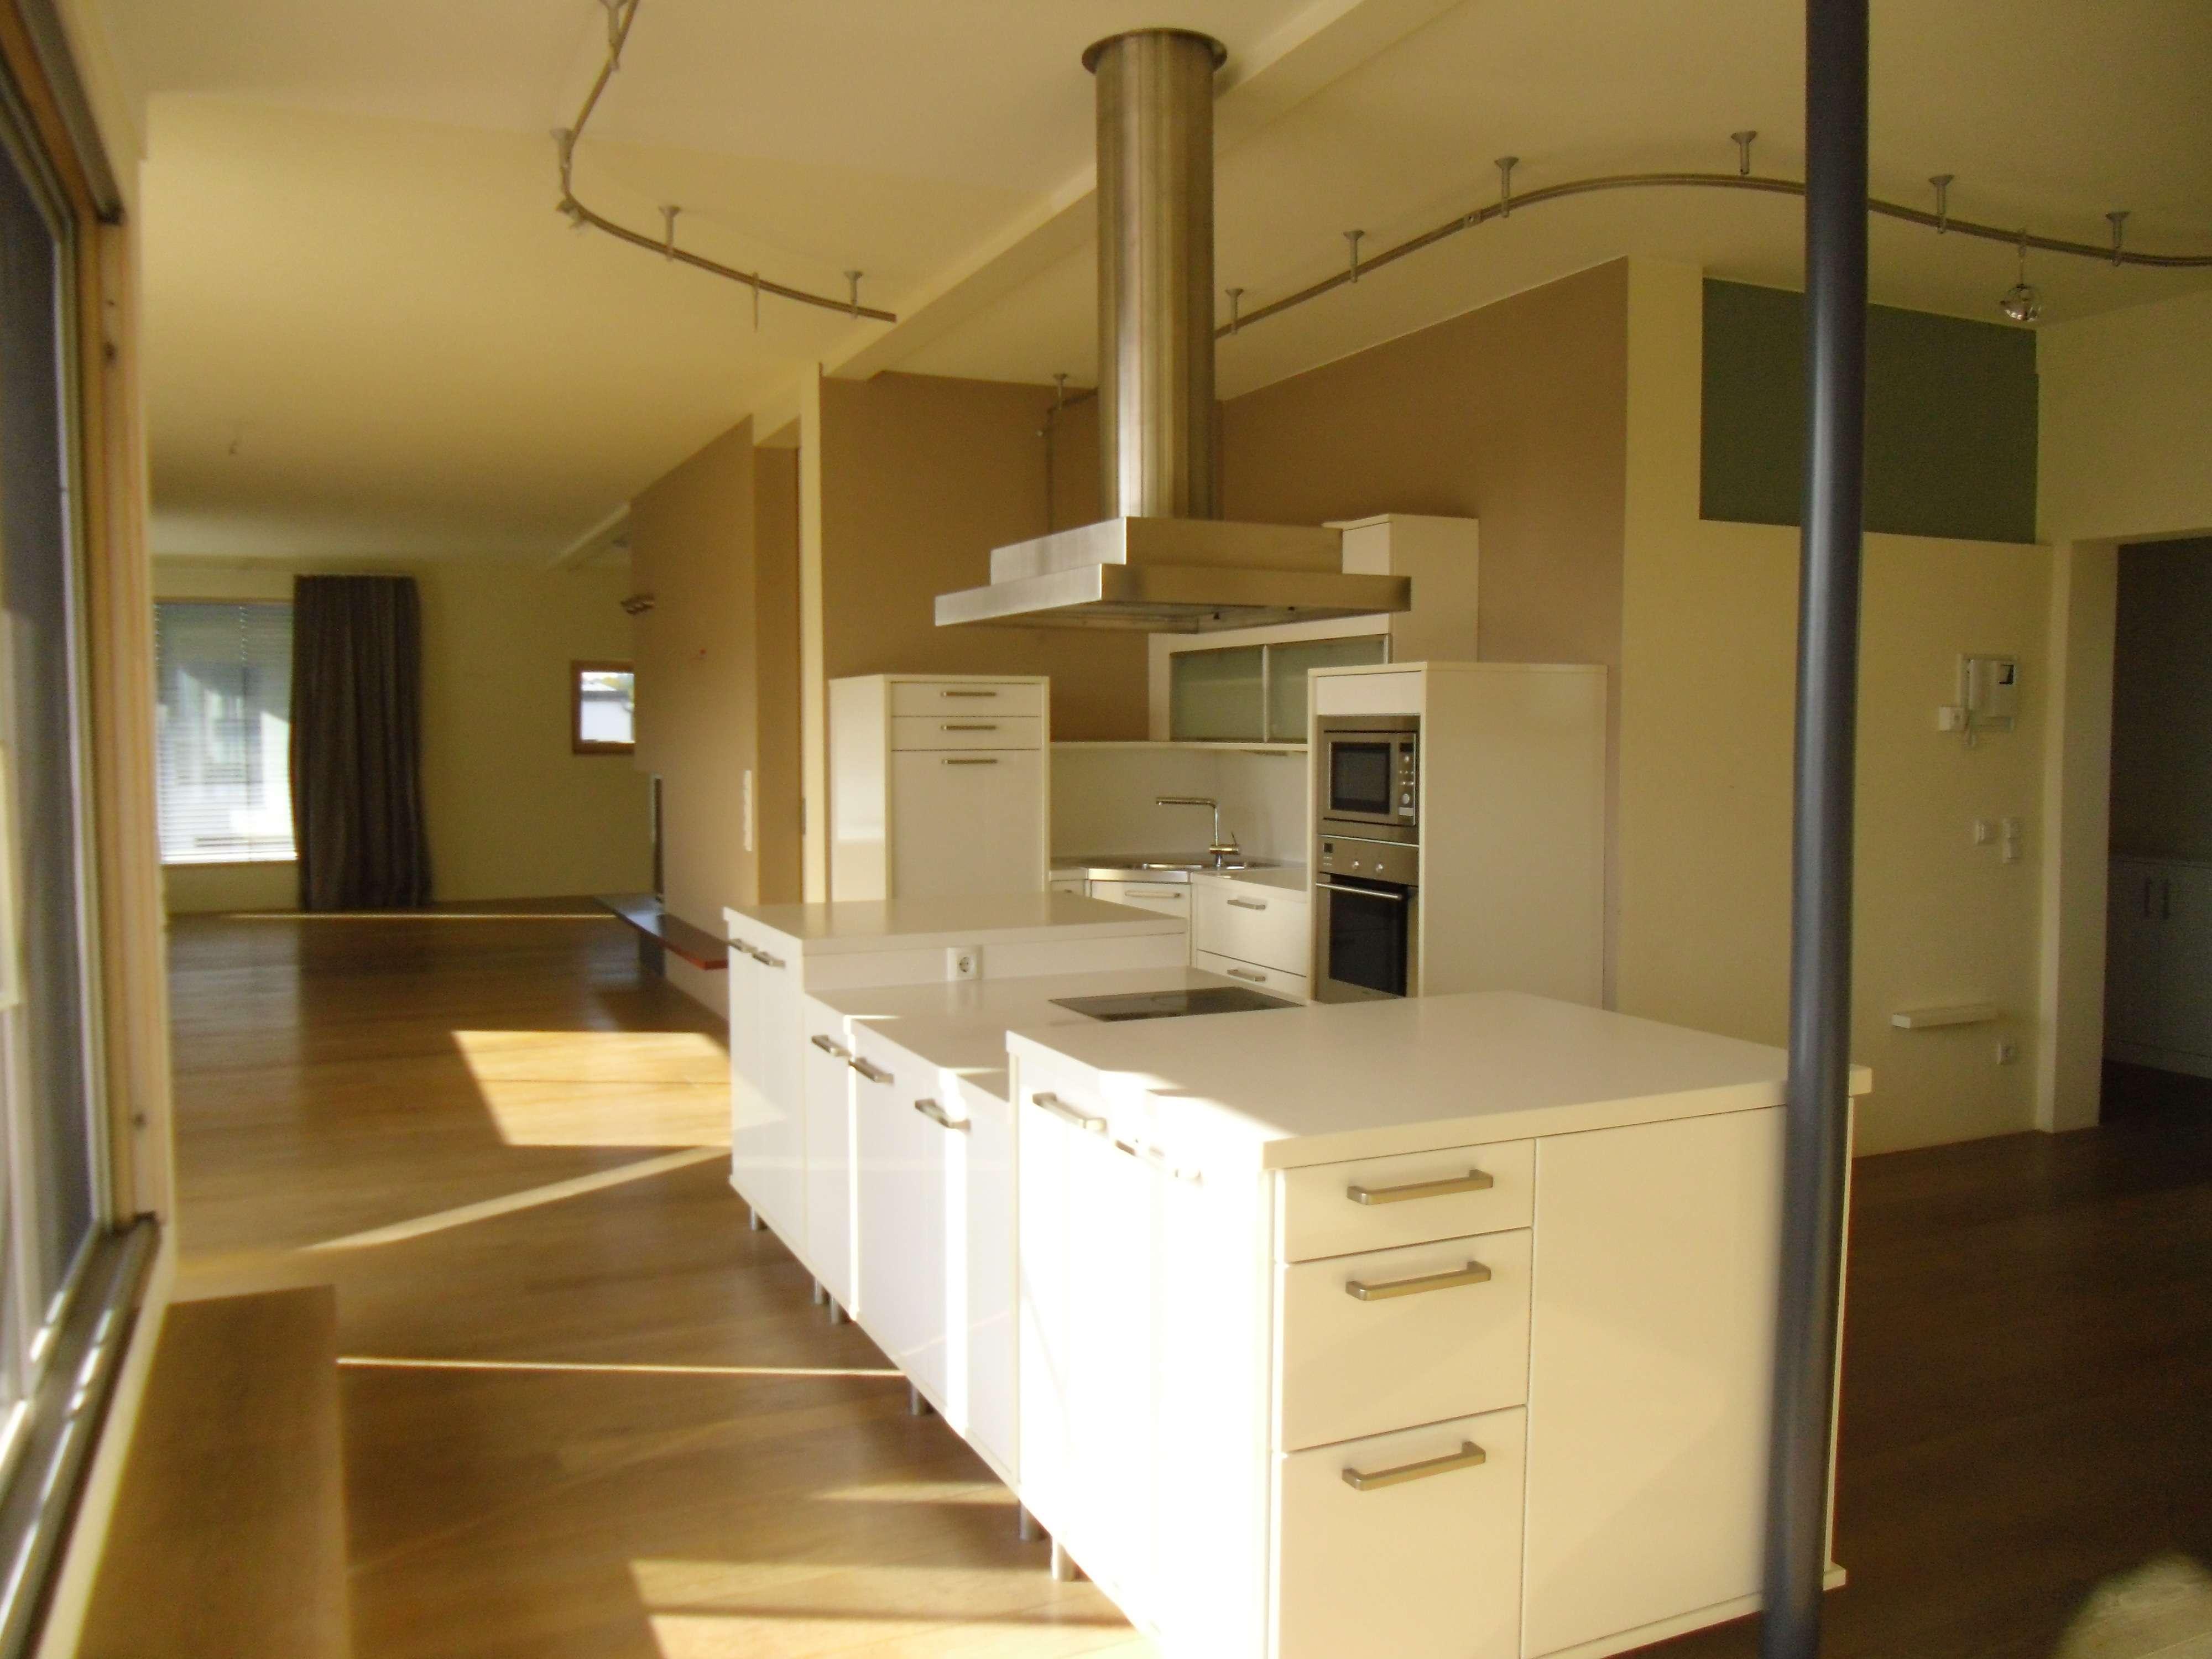 Moderne, gepflegte 3-Zimmer-Penthouse-Wohnung mit großzügiger Terrasse & Doppelgarage in Neumarkt in der Oberpfalz (Neumarkt in der Oberpfalz)